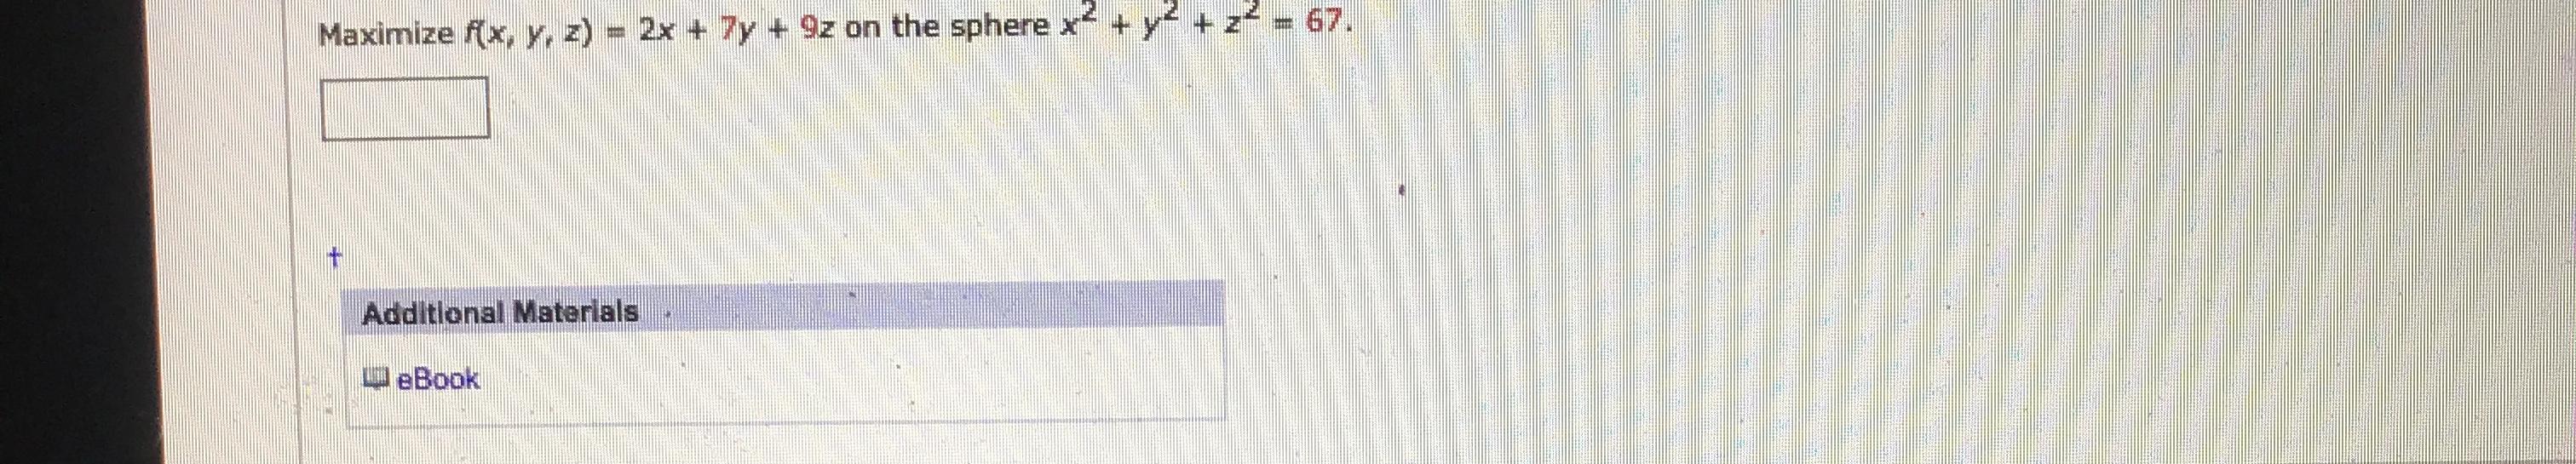 Maximize f(x, y, z) = 2x + 7y +9z on the sphere x + y+z = 67. Additional Materials eBook